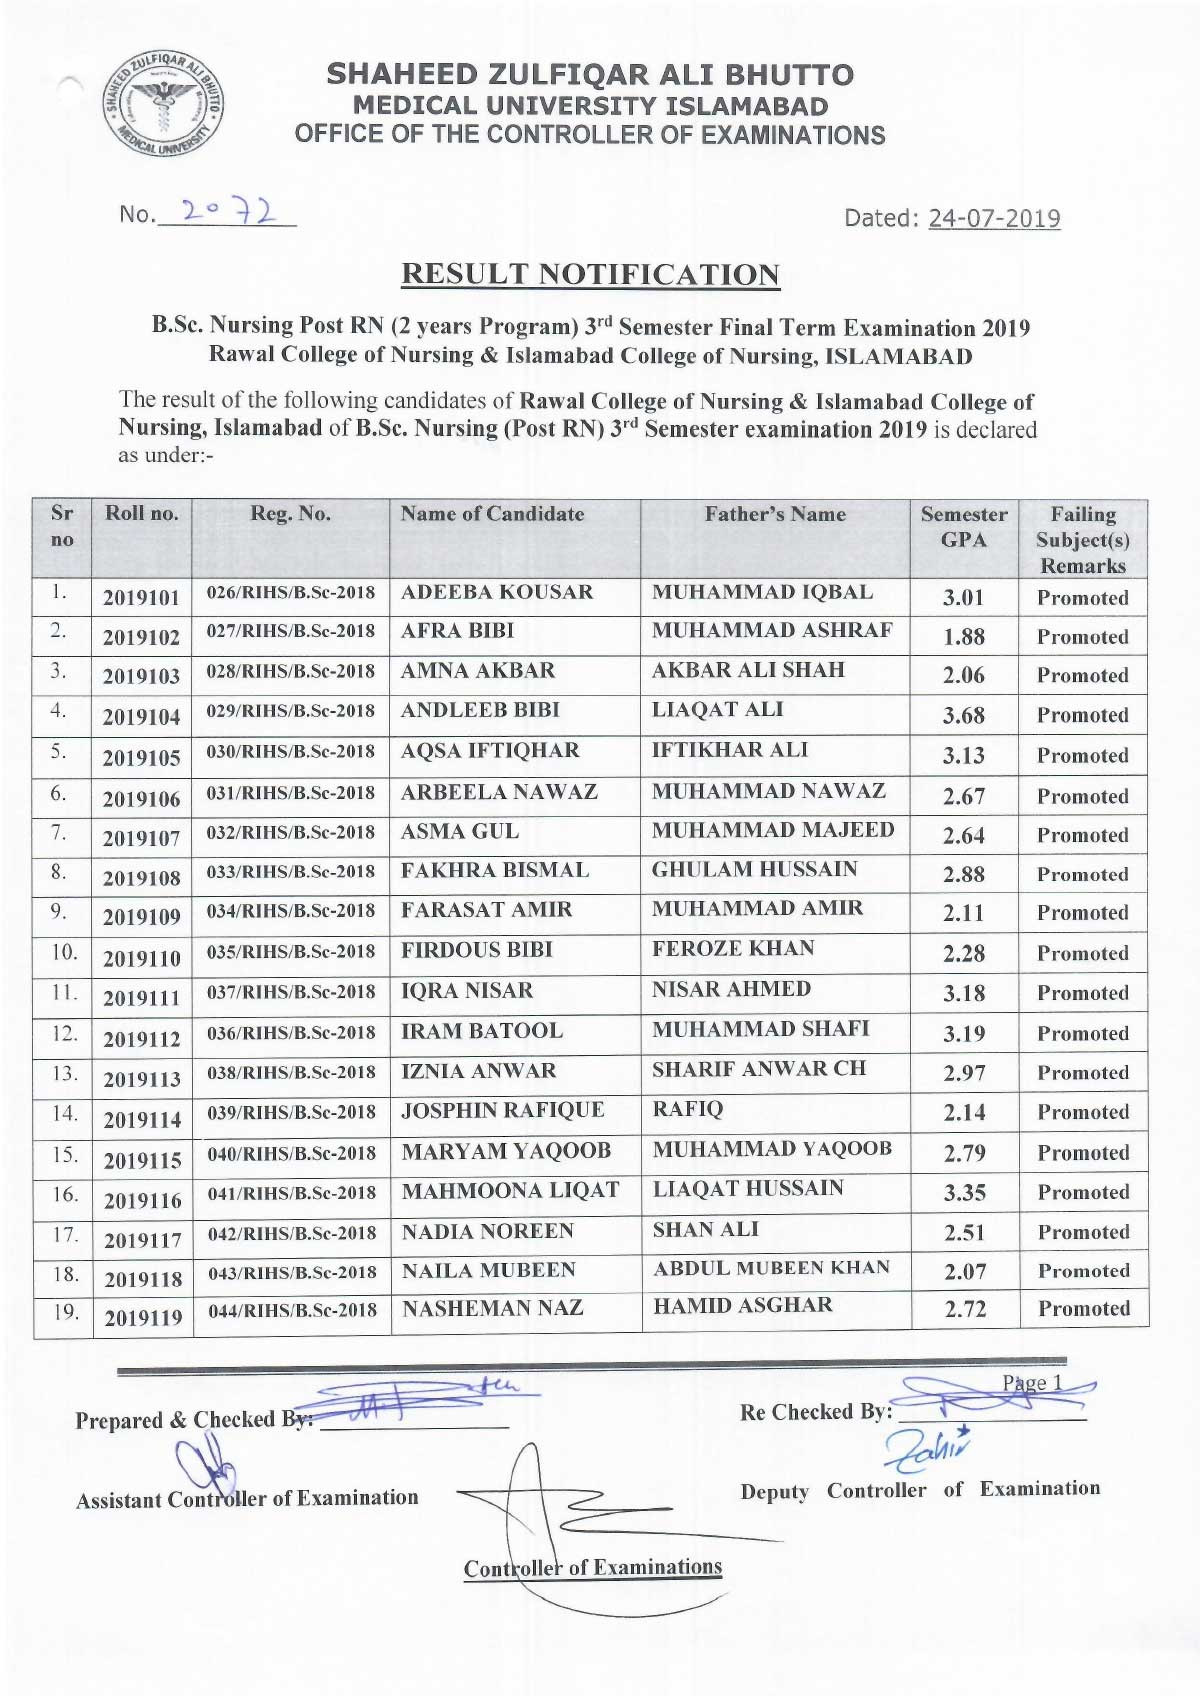 Result Notification of B.Sc Nursing Post RN 3rd Semester Final Examination 2019